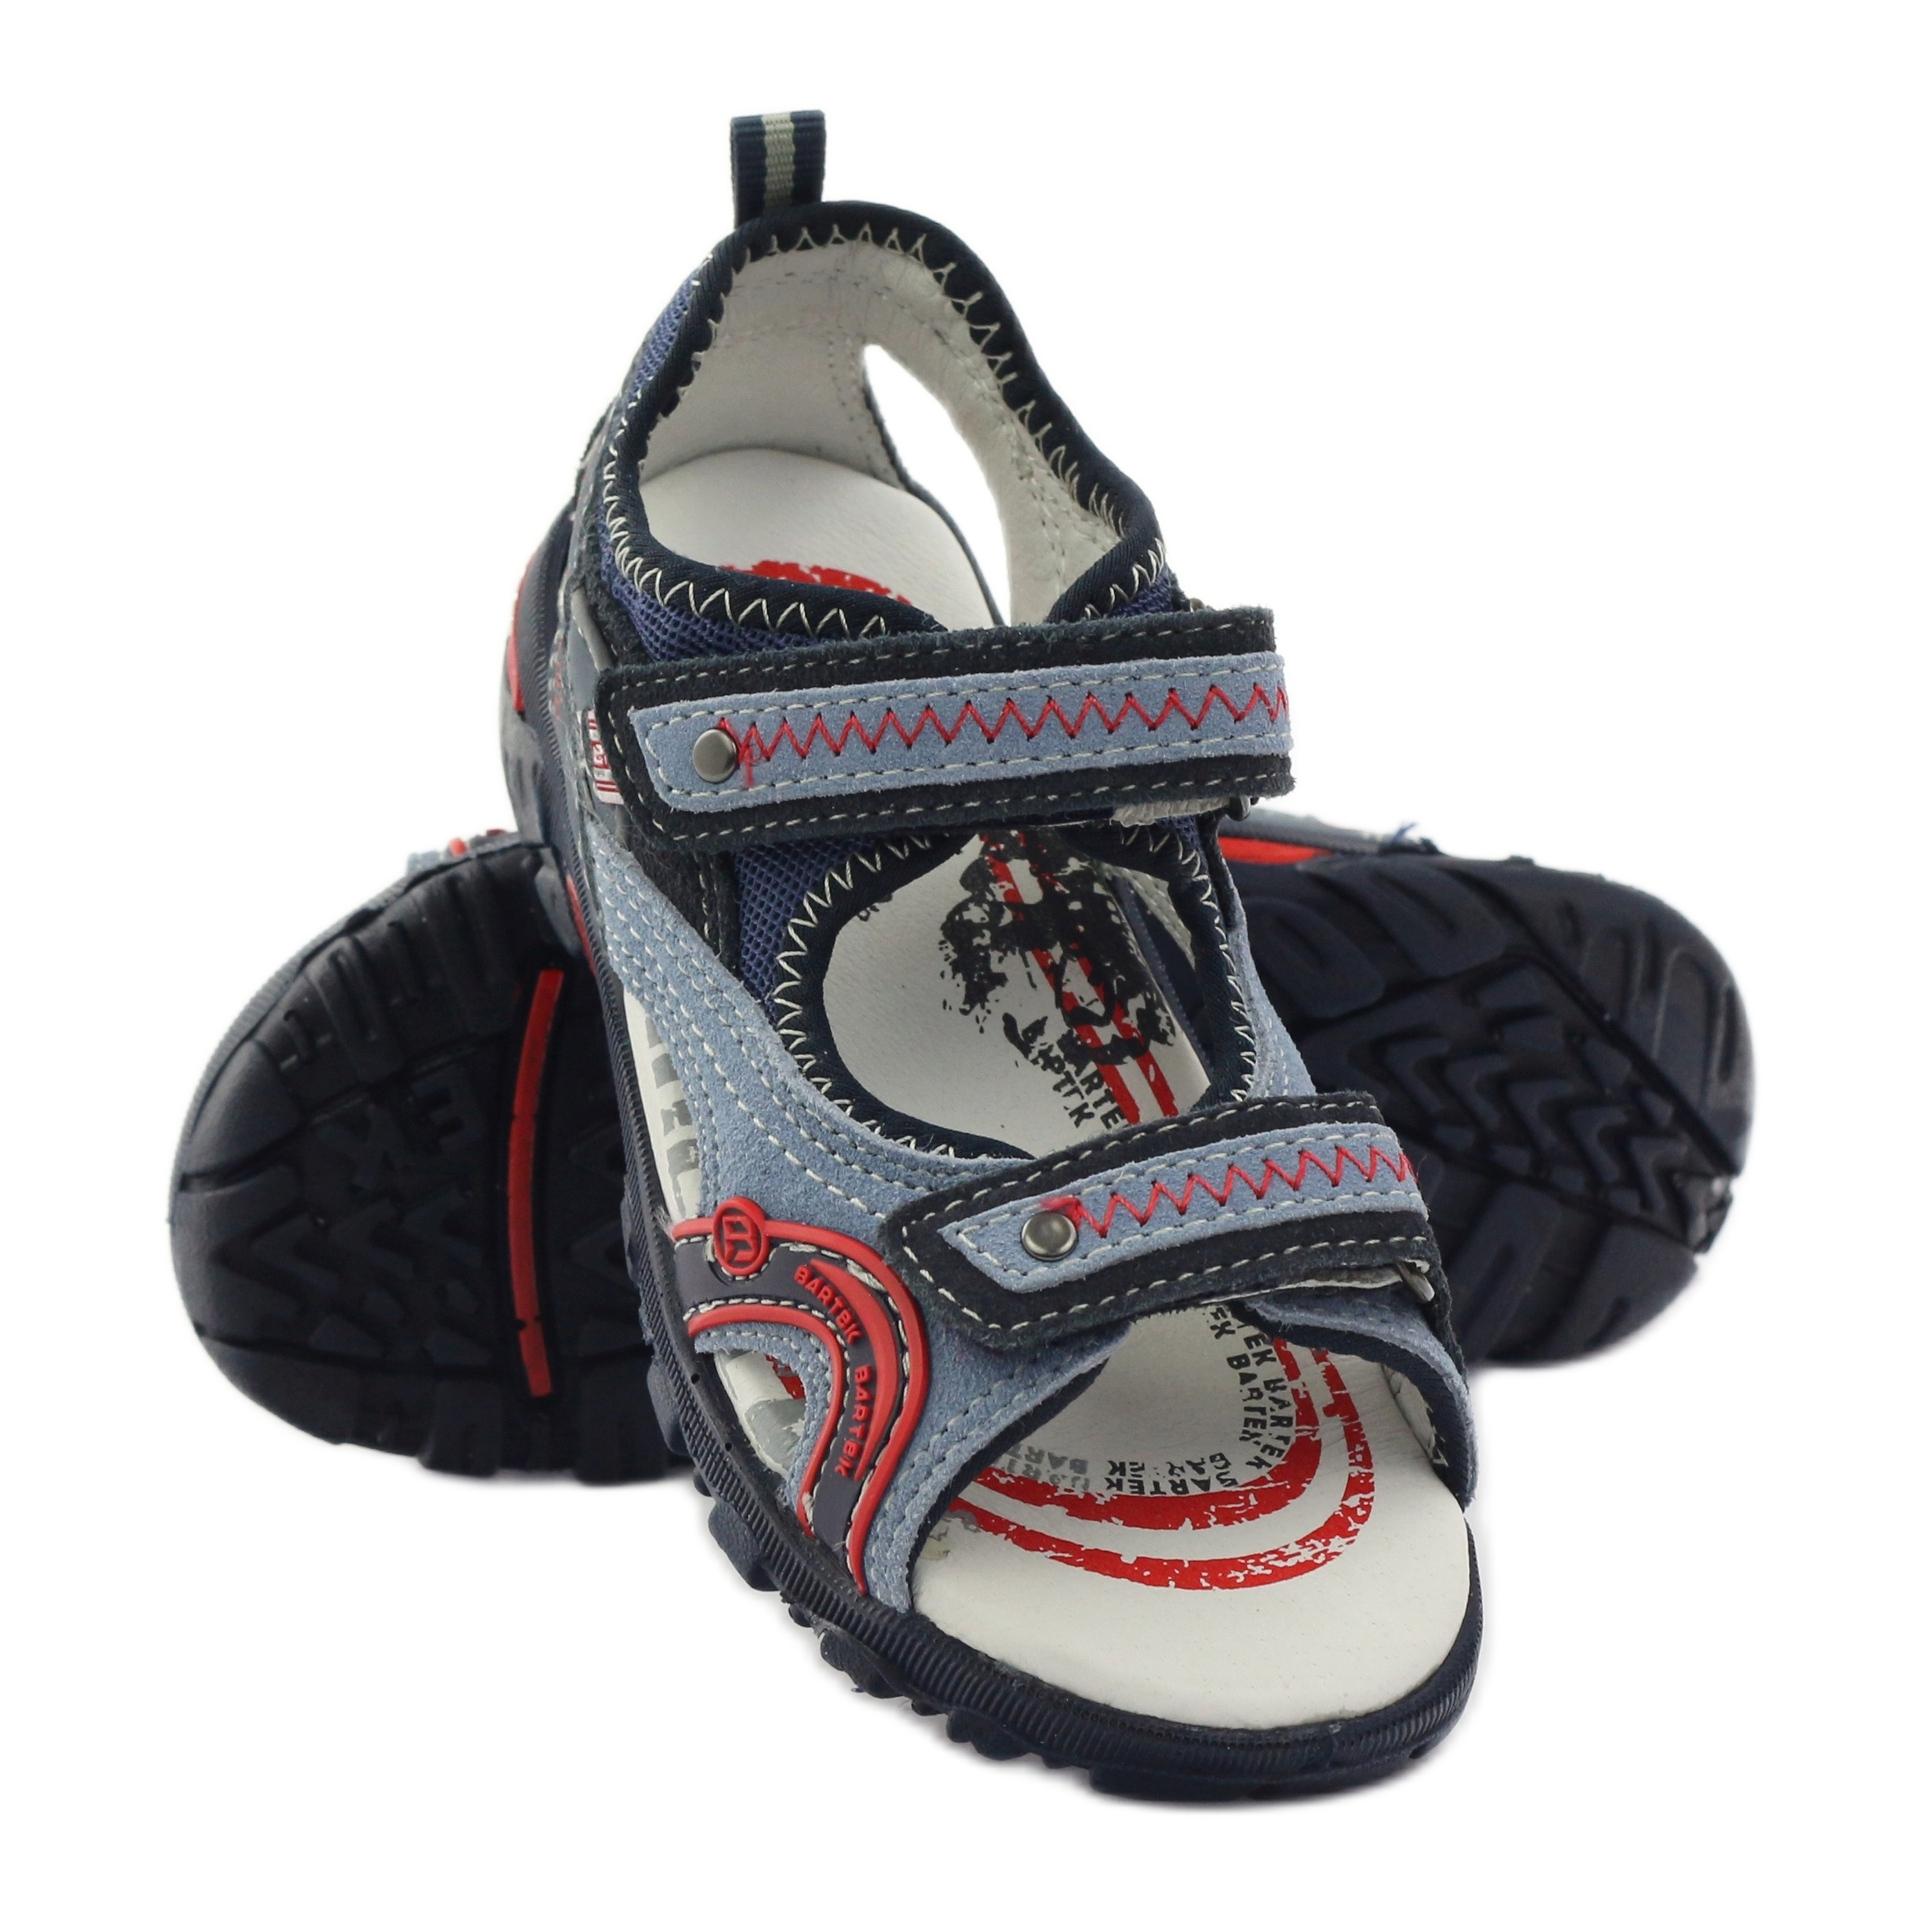 miniatura 4 - Sandali da ragazzo Bartek 19113 blu rosso multicolore